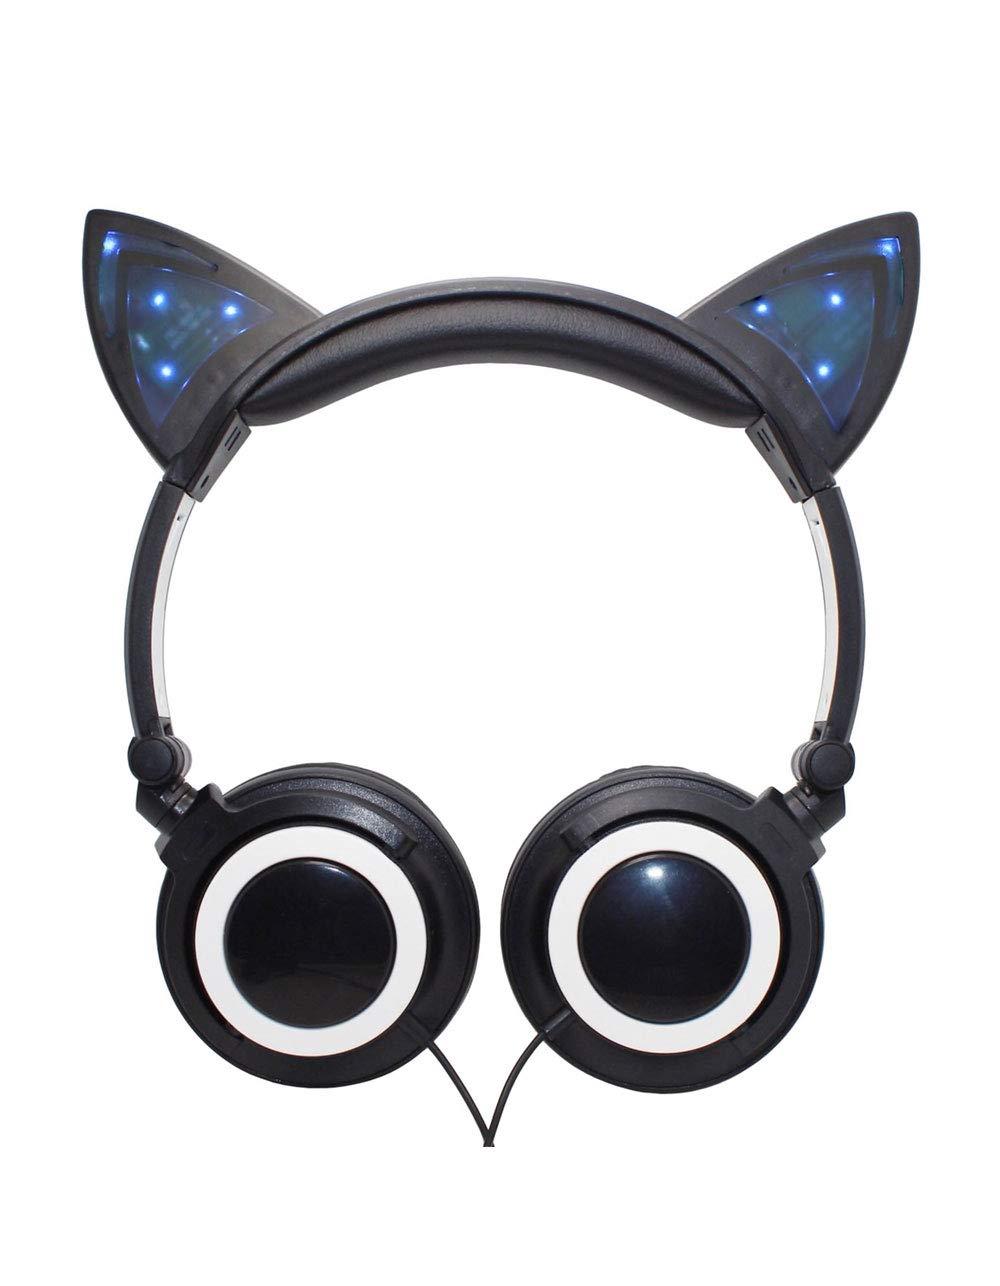 猫耳ヘッドフォン ブラック GG-CLED-BLK  ブラック B07PQW8Z33